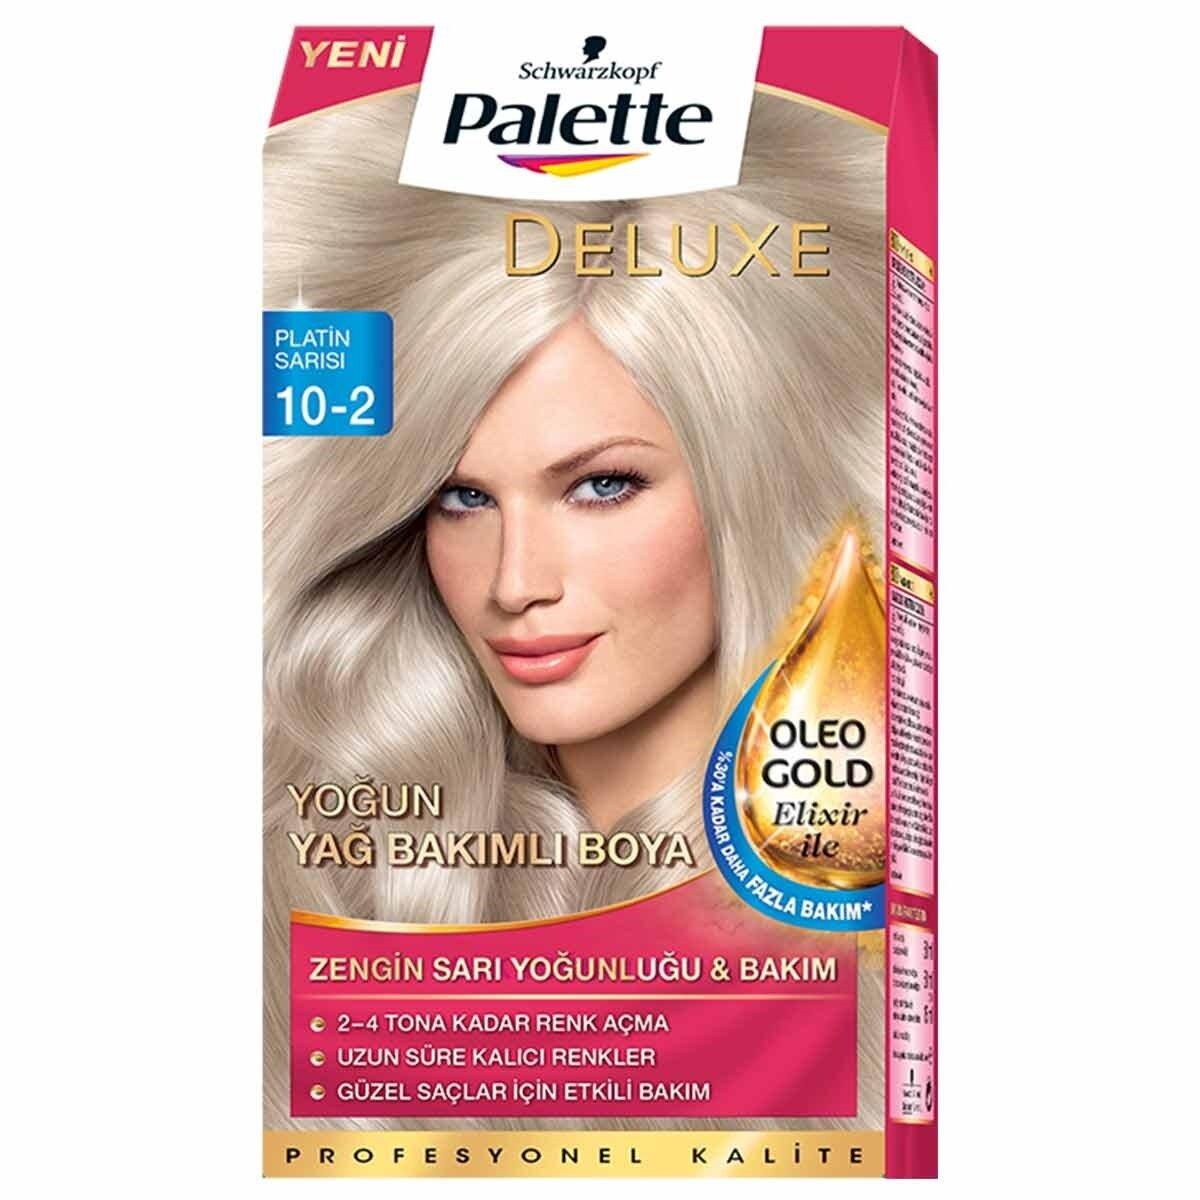 Deluxe Saç Boyası 10 2 Platin Sarı Palette Watsons